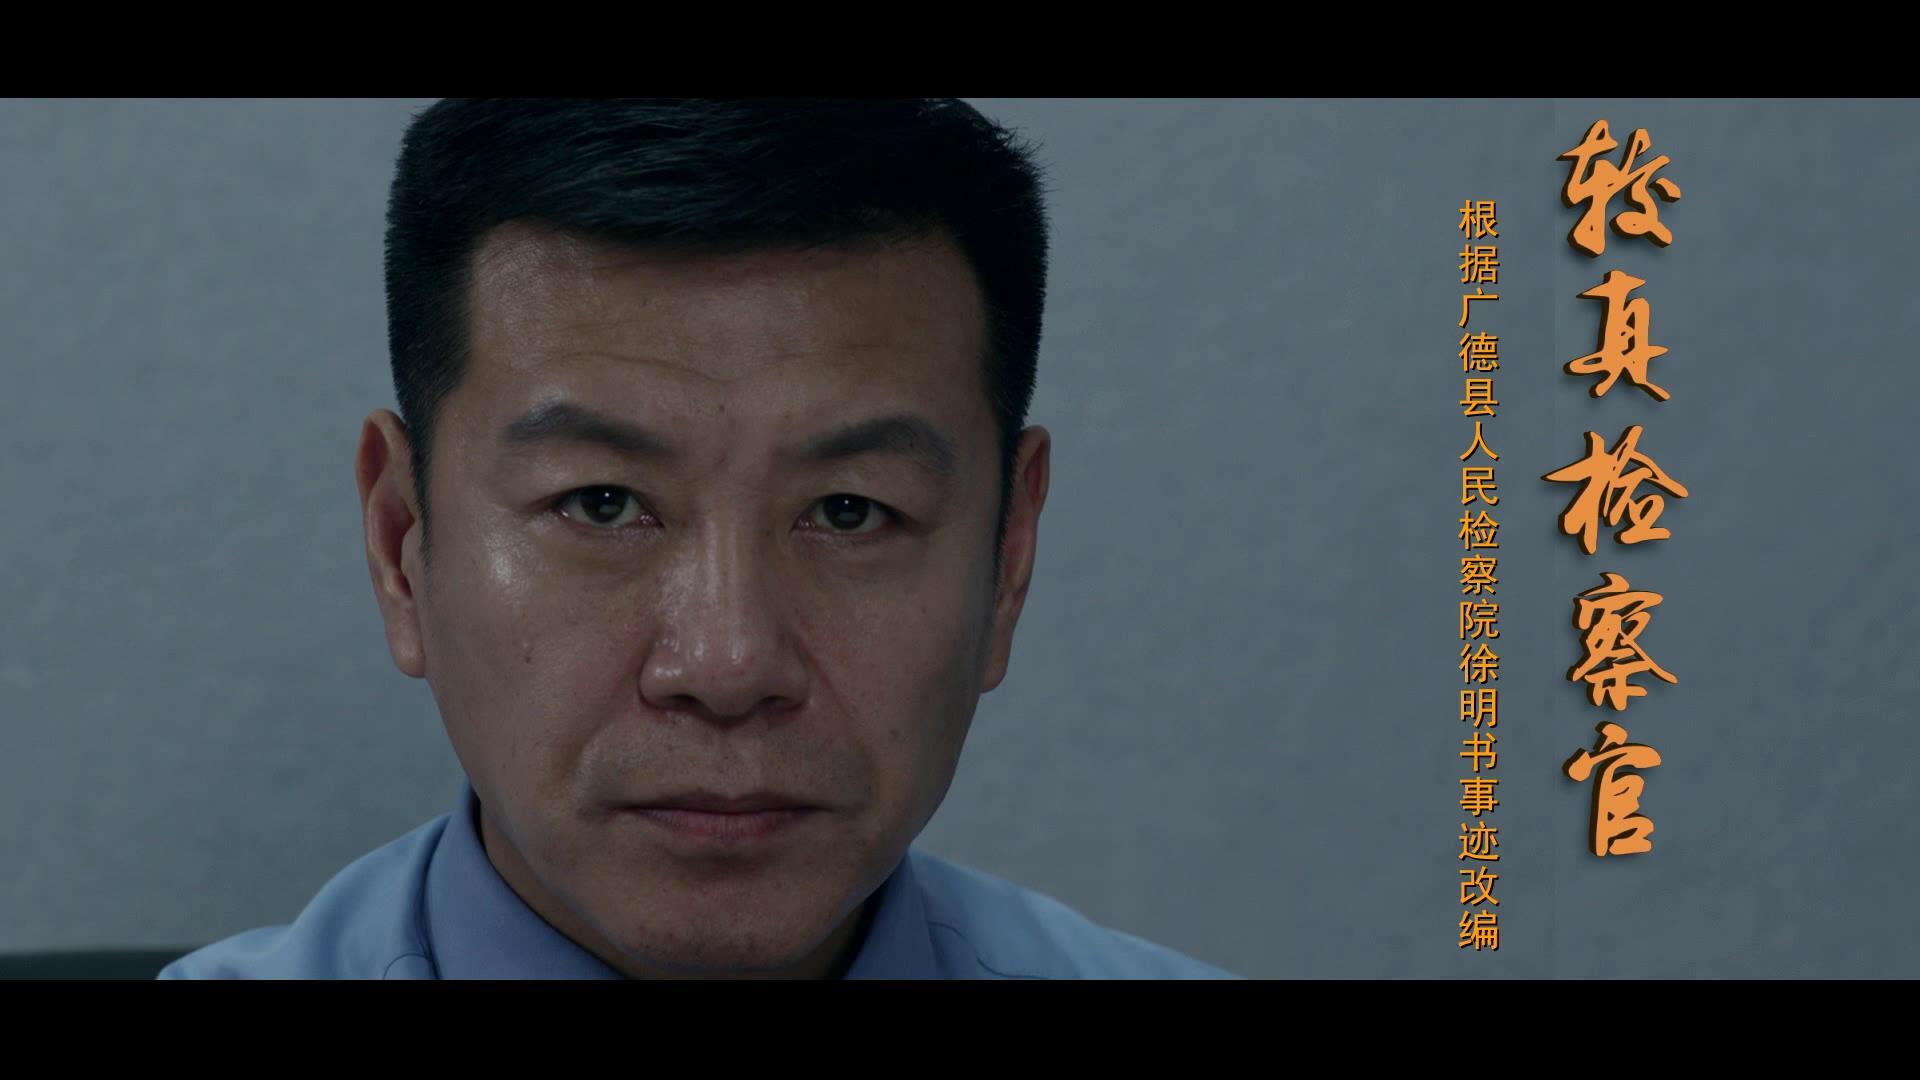 安徽好人徐明书微电影《较真检察官》[00_00_56][20190610-151647].jpg